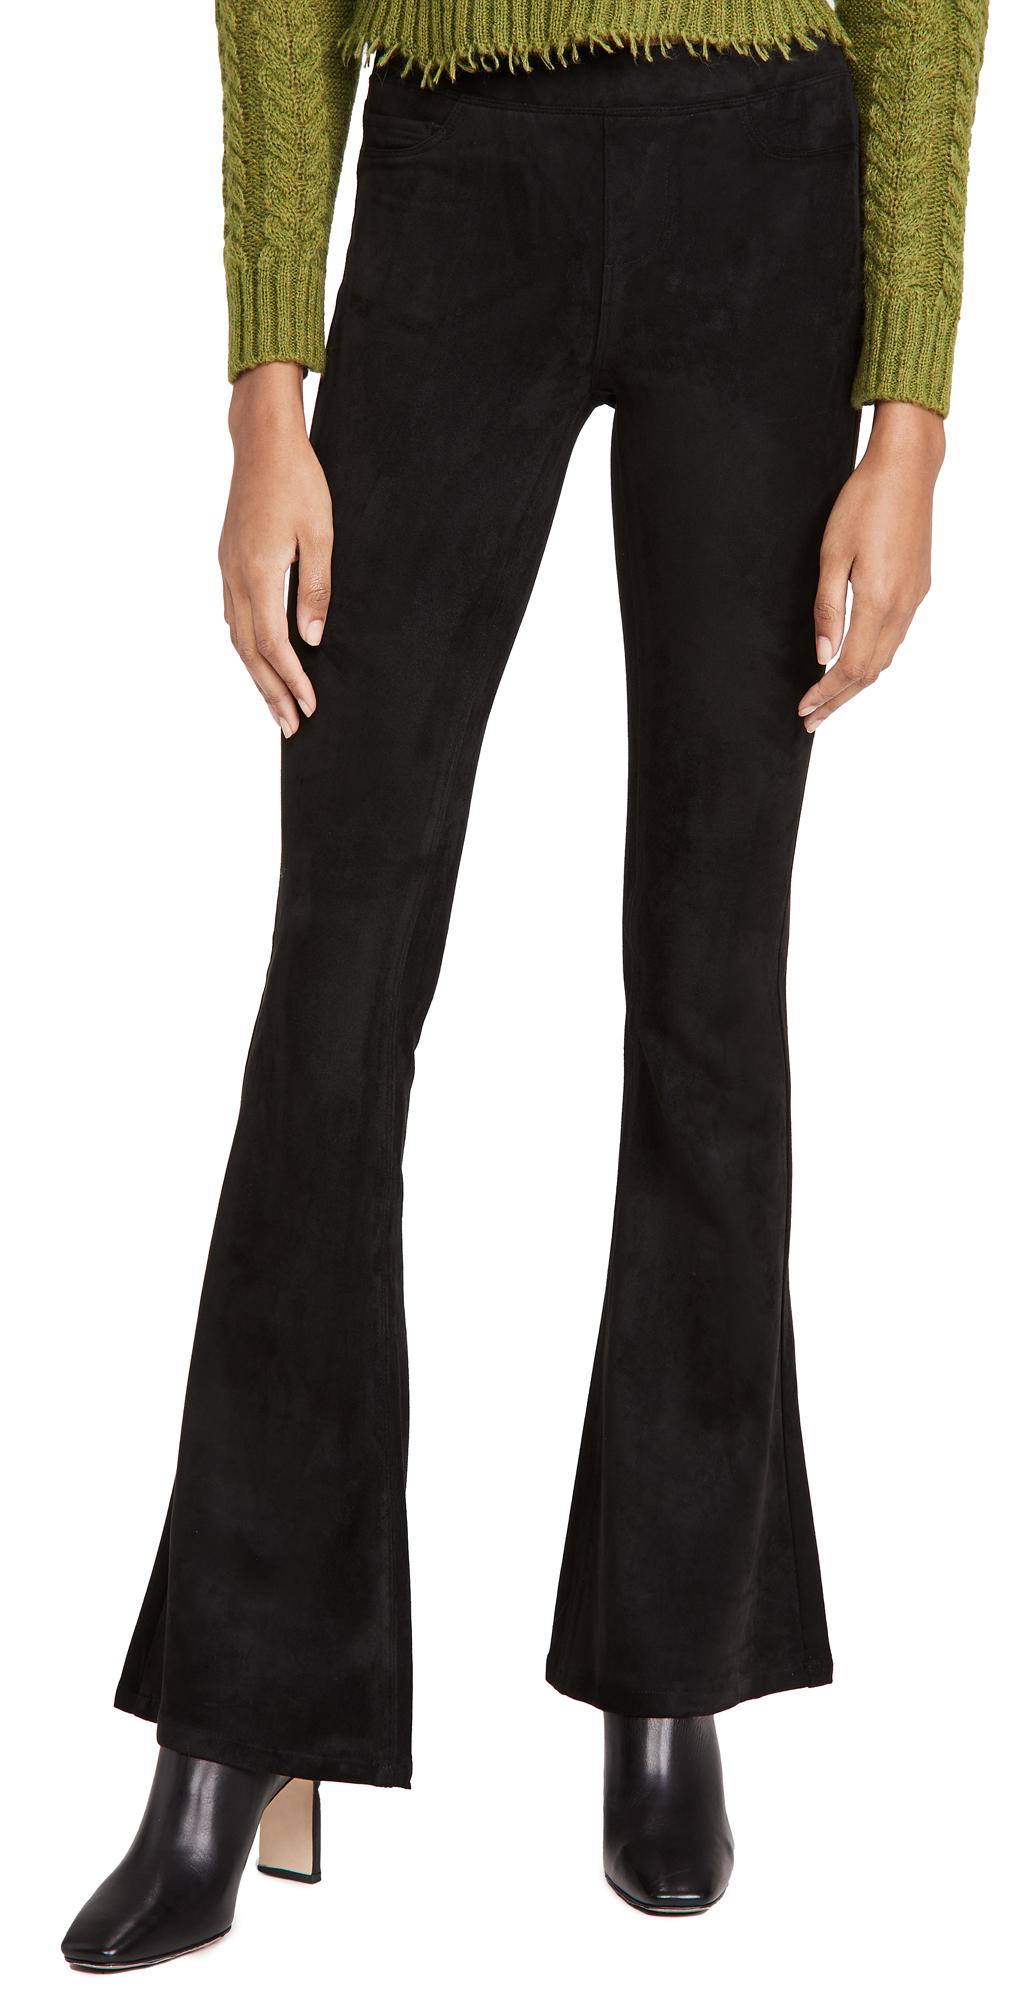 Blank Denim Microsuede Pull On Flare Pants